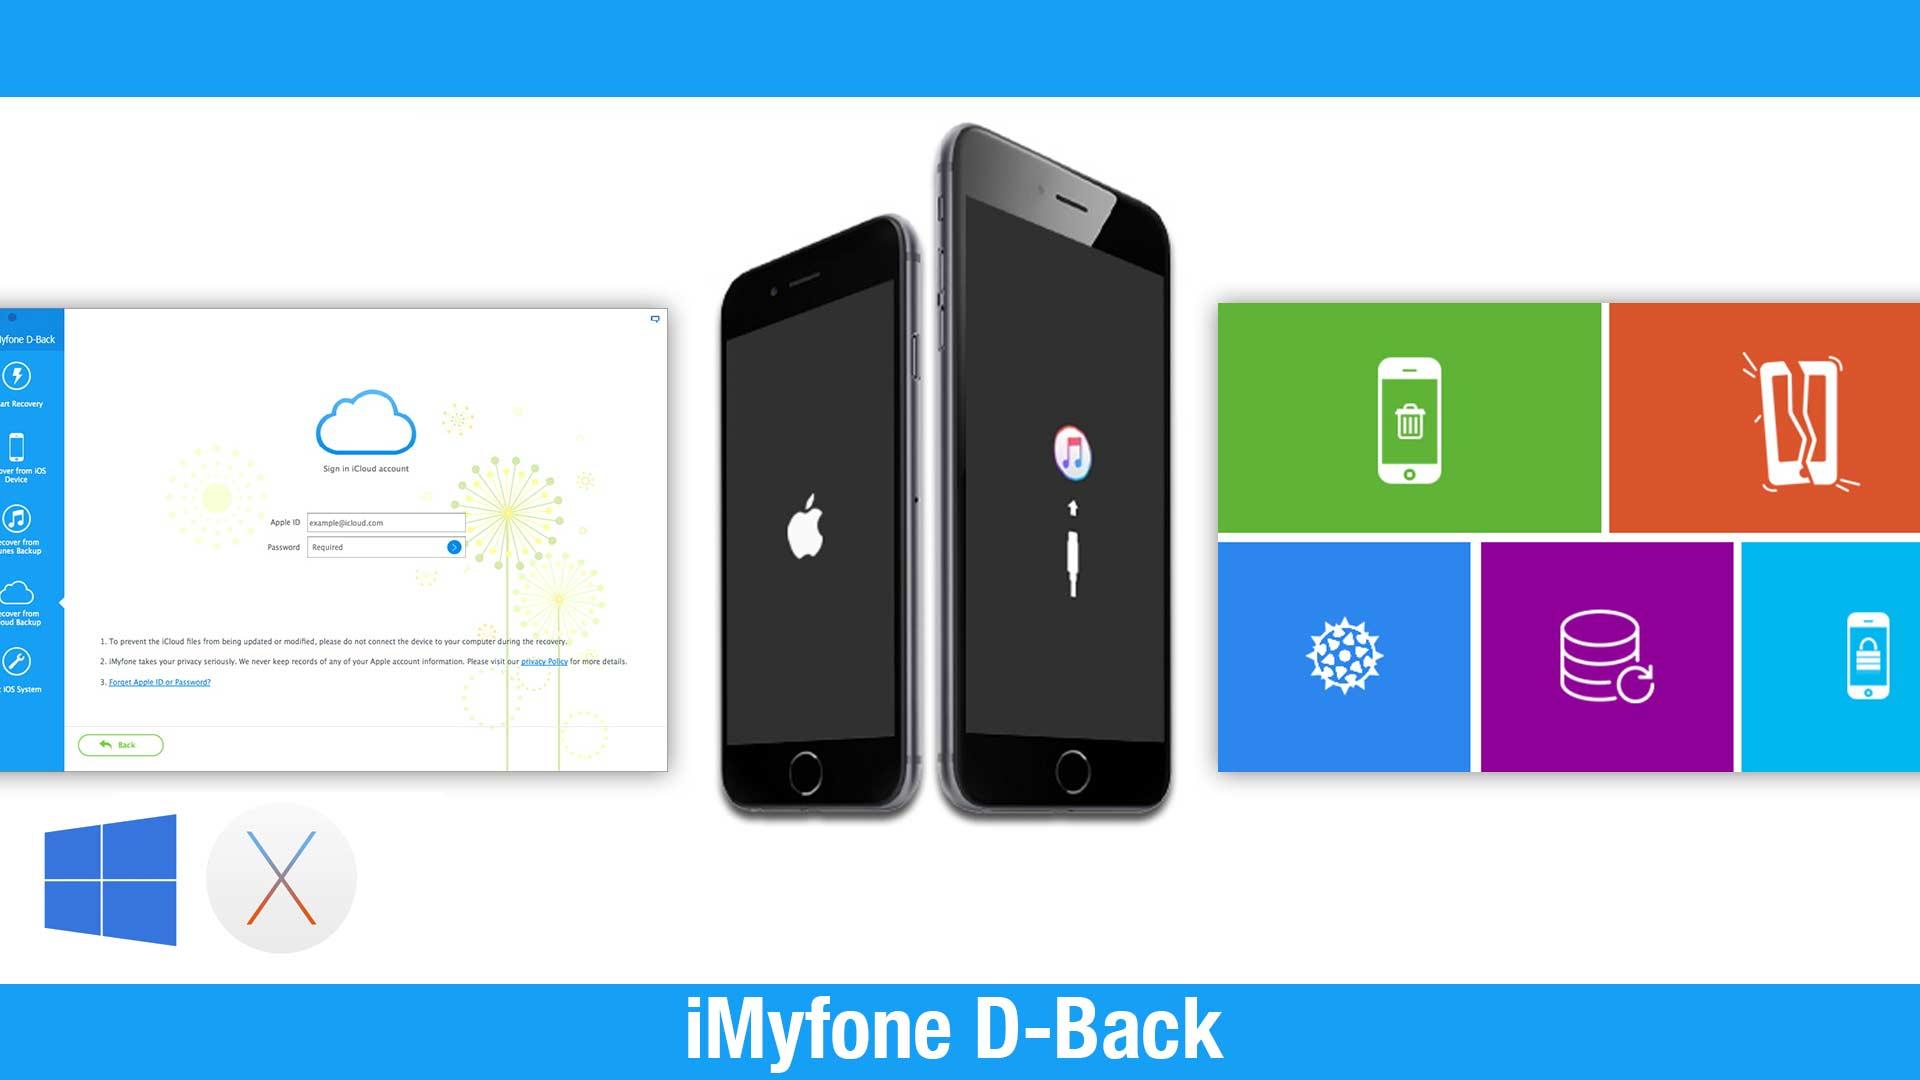 ecuperar-datos-perdidos-de-iphone-imyphone